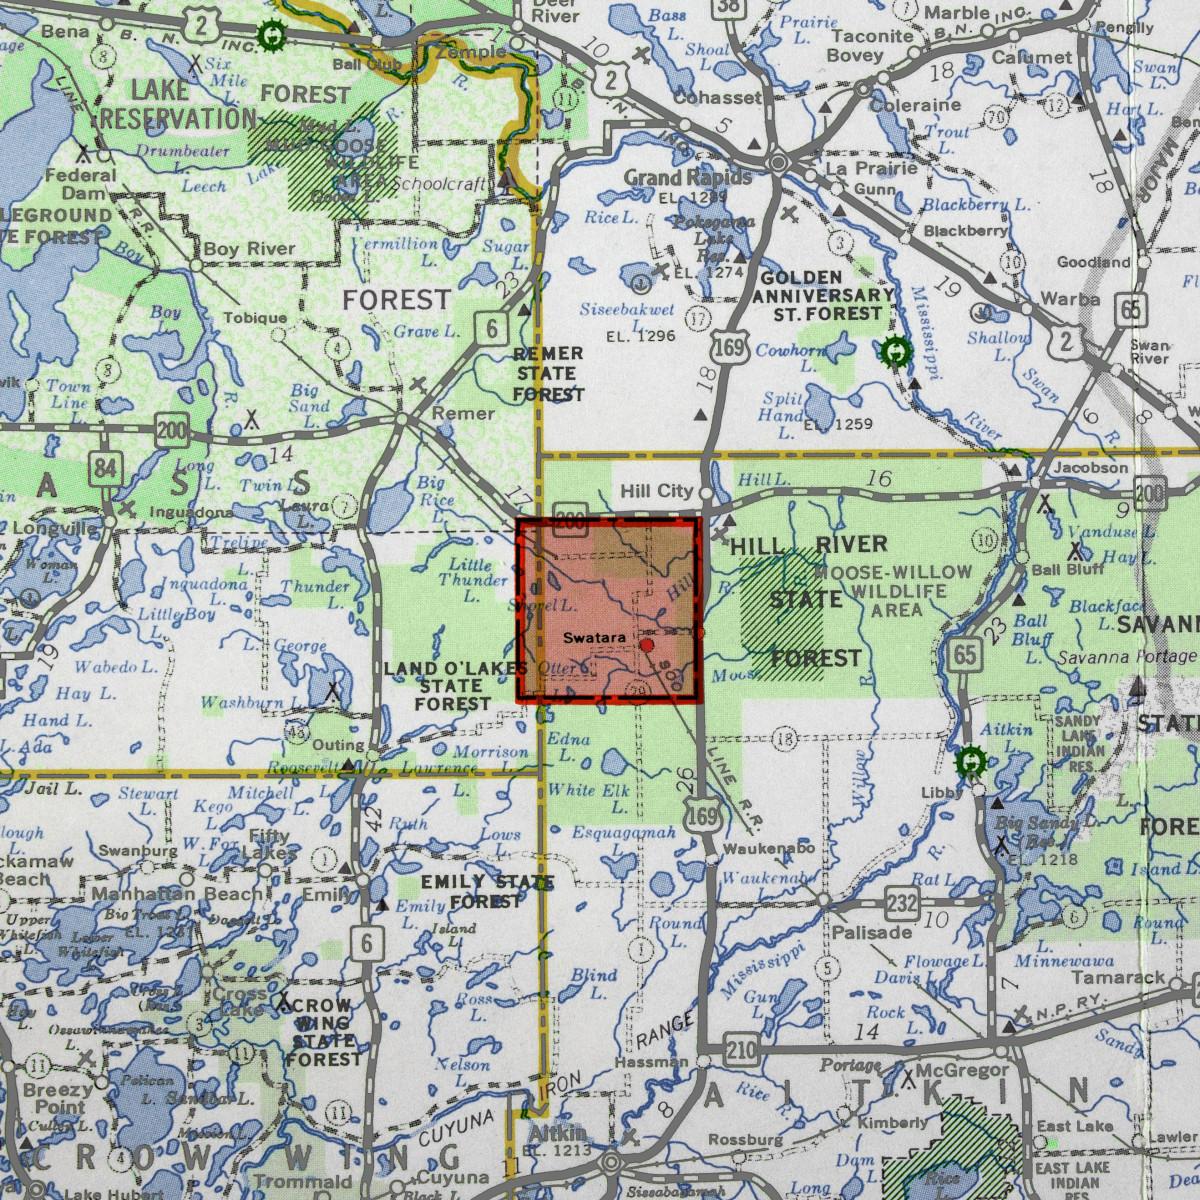 Swatara Forest Map